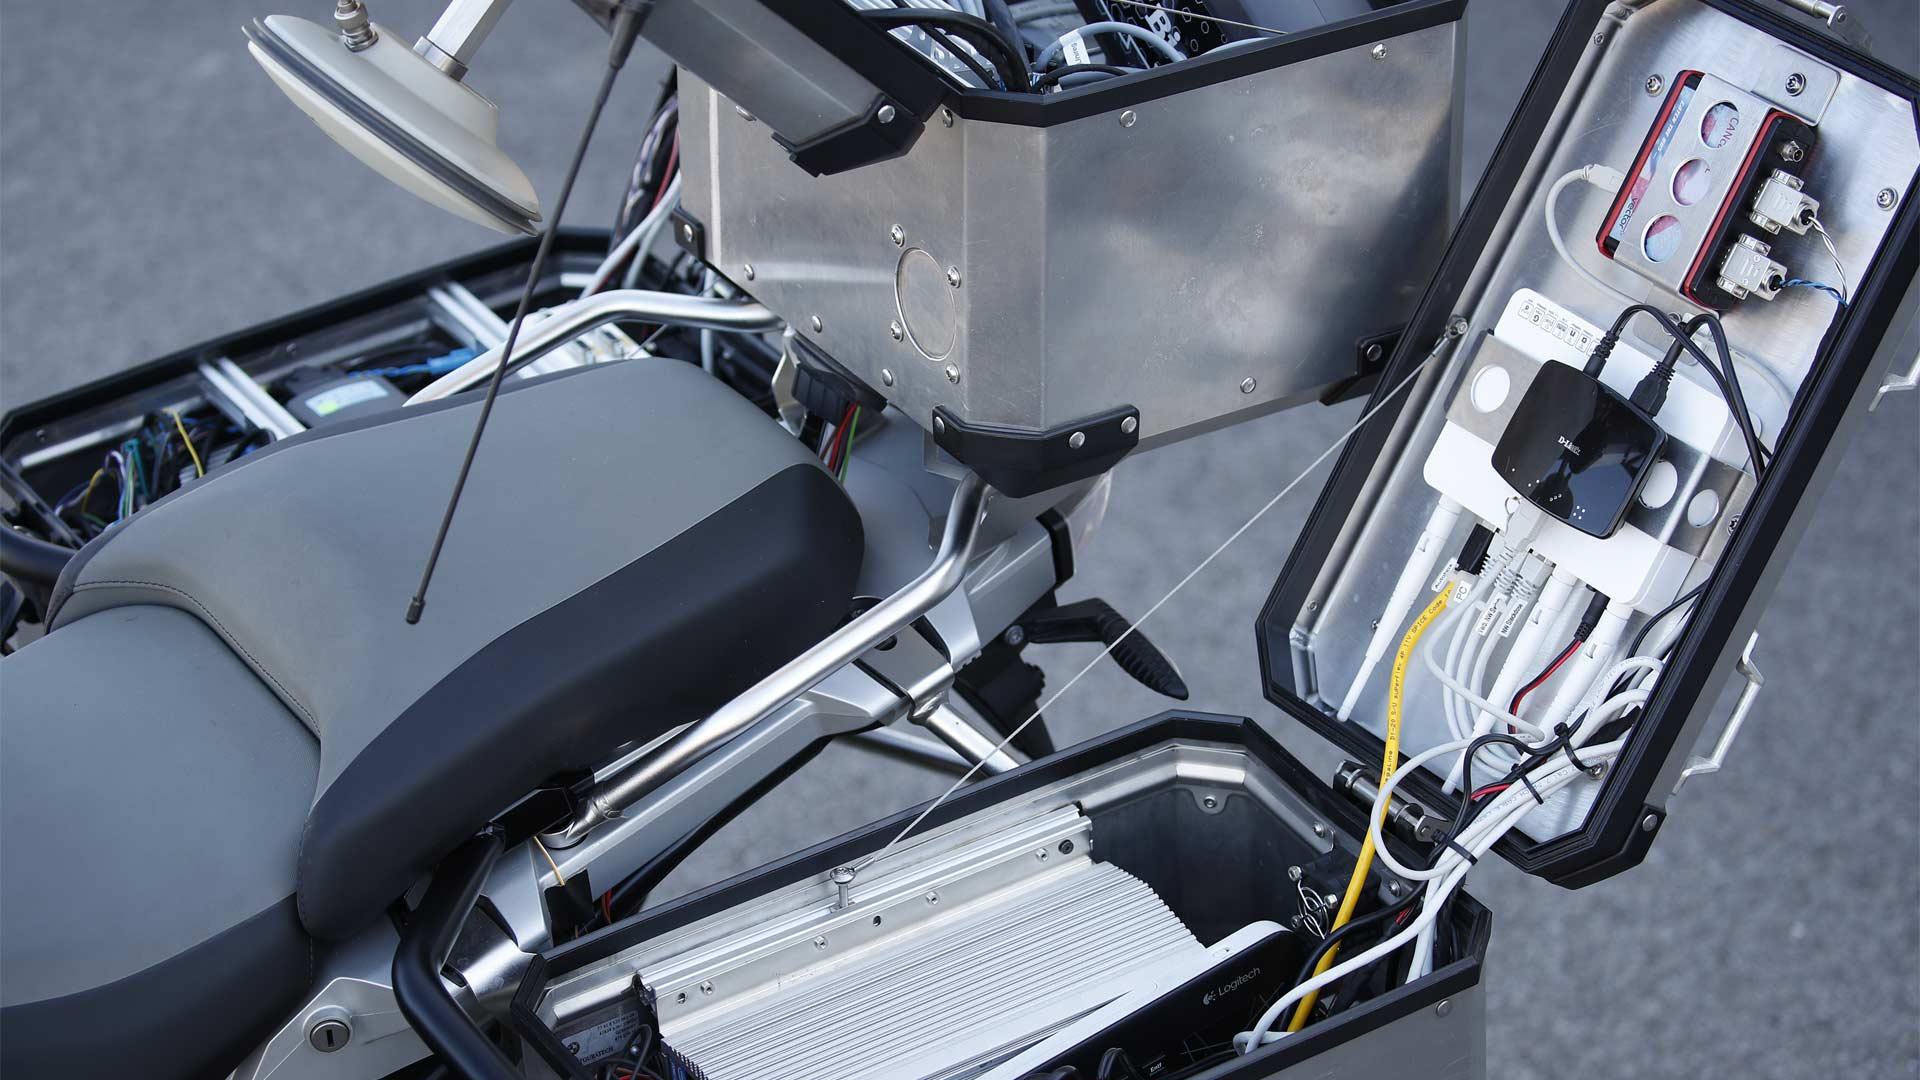 BMW-R-1200-GS-autonomous-bike_6